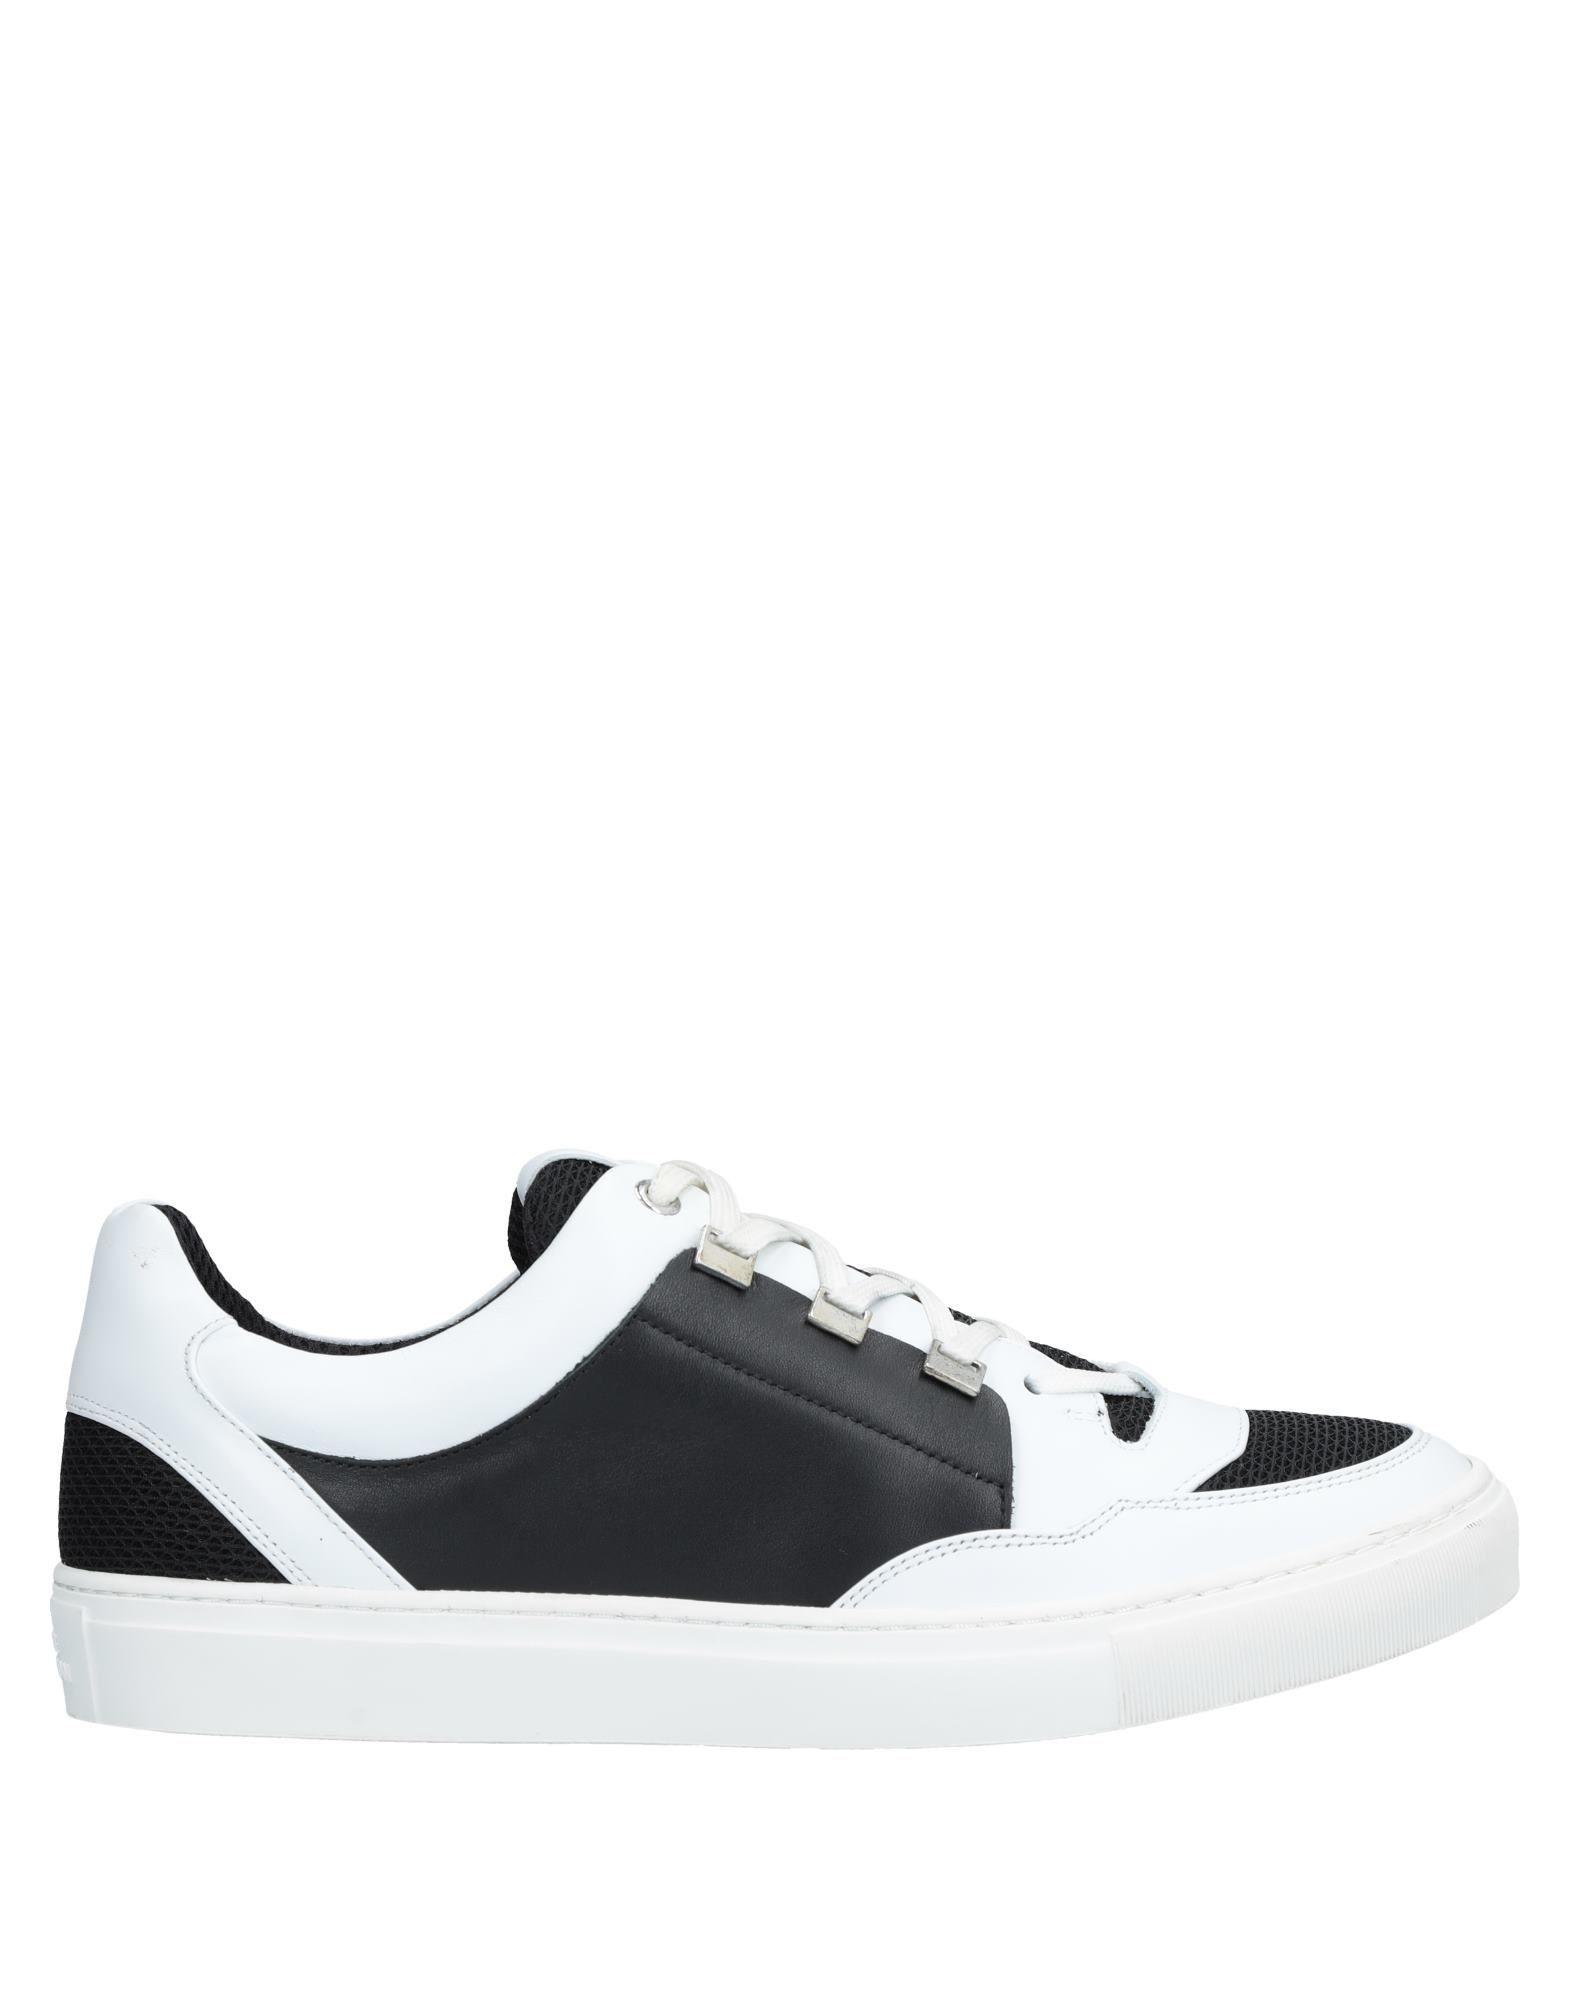 Versace Collection Sneakers Herren  11534588VW Gute Qualität beliebte Schuhe